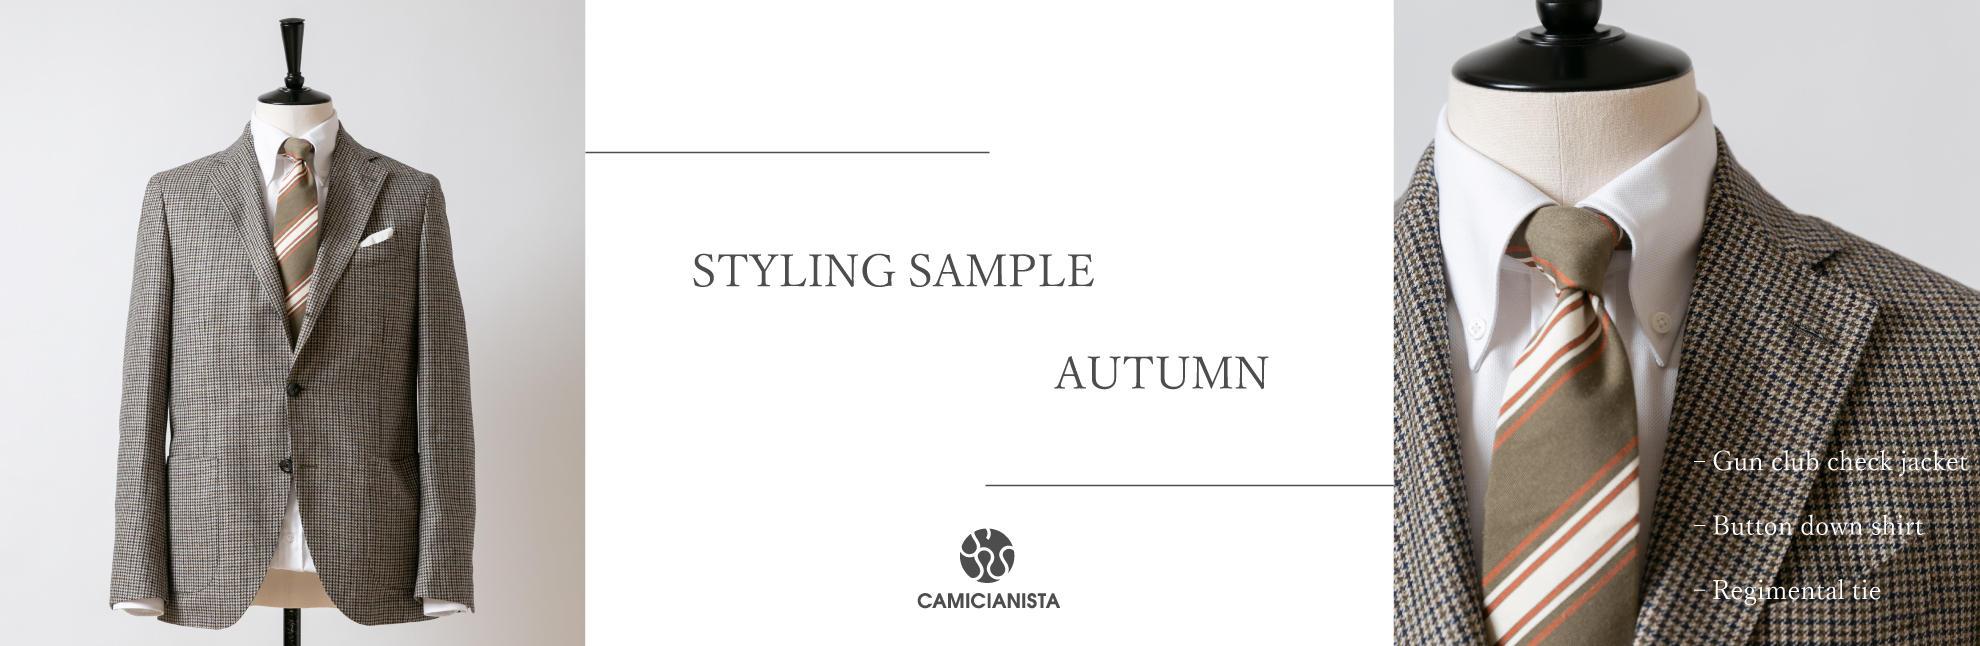 autumnst CAMICIANISTA(カミチャニスタ)